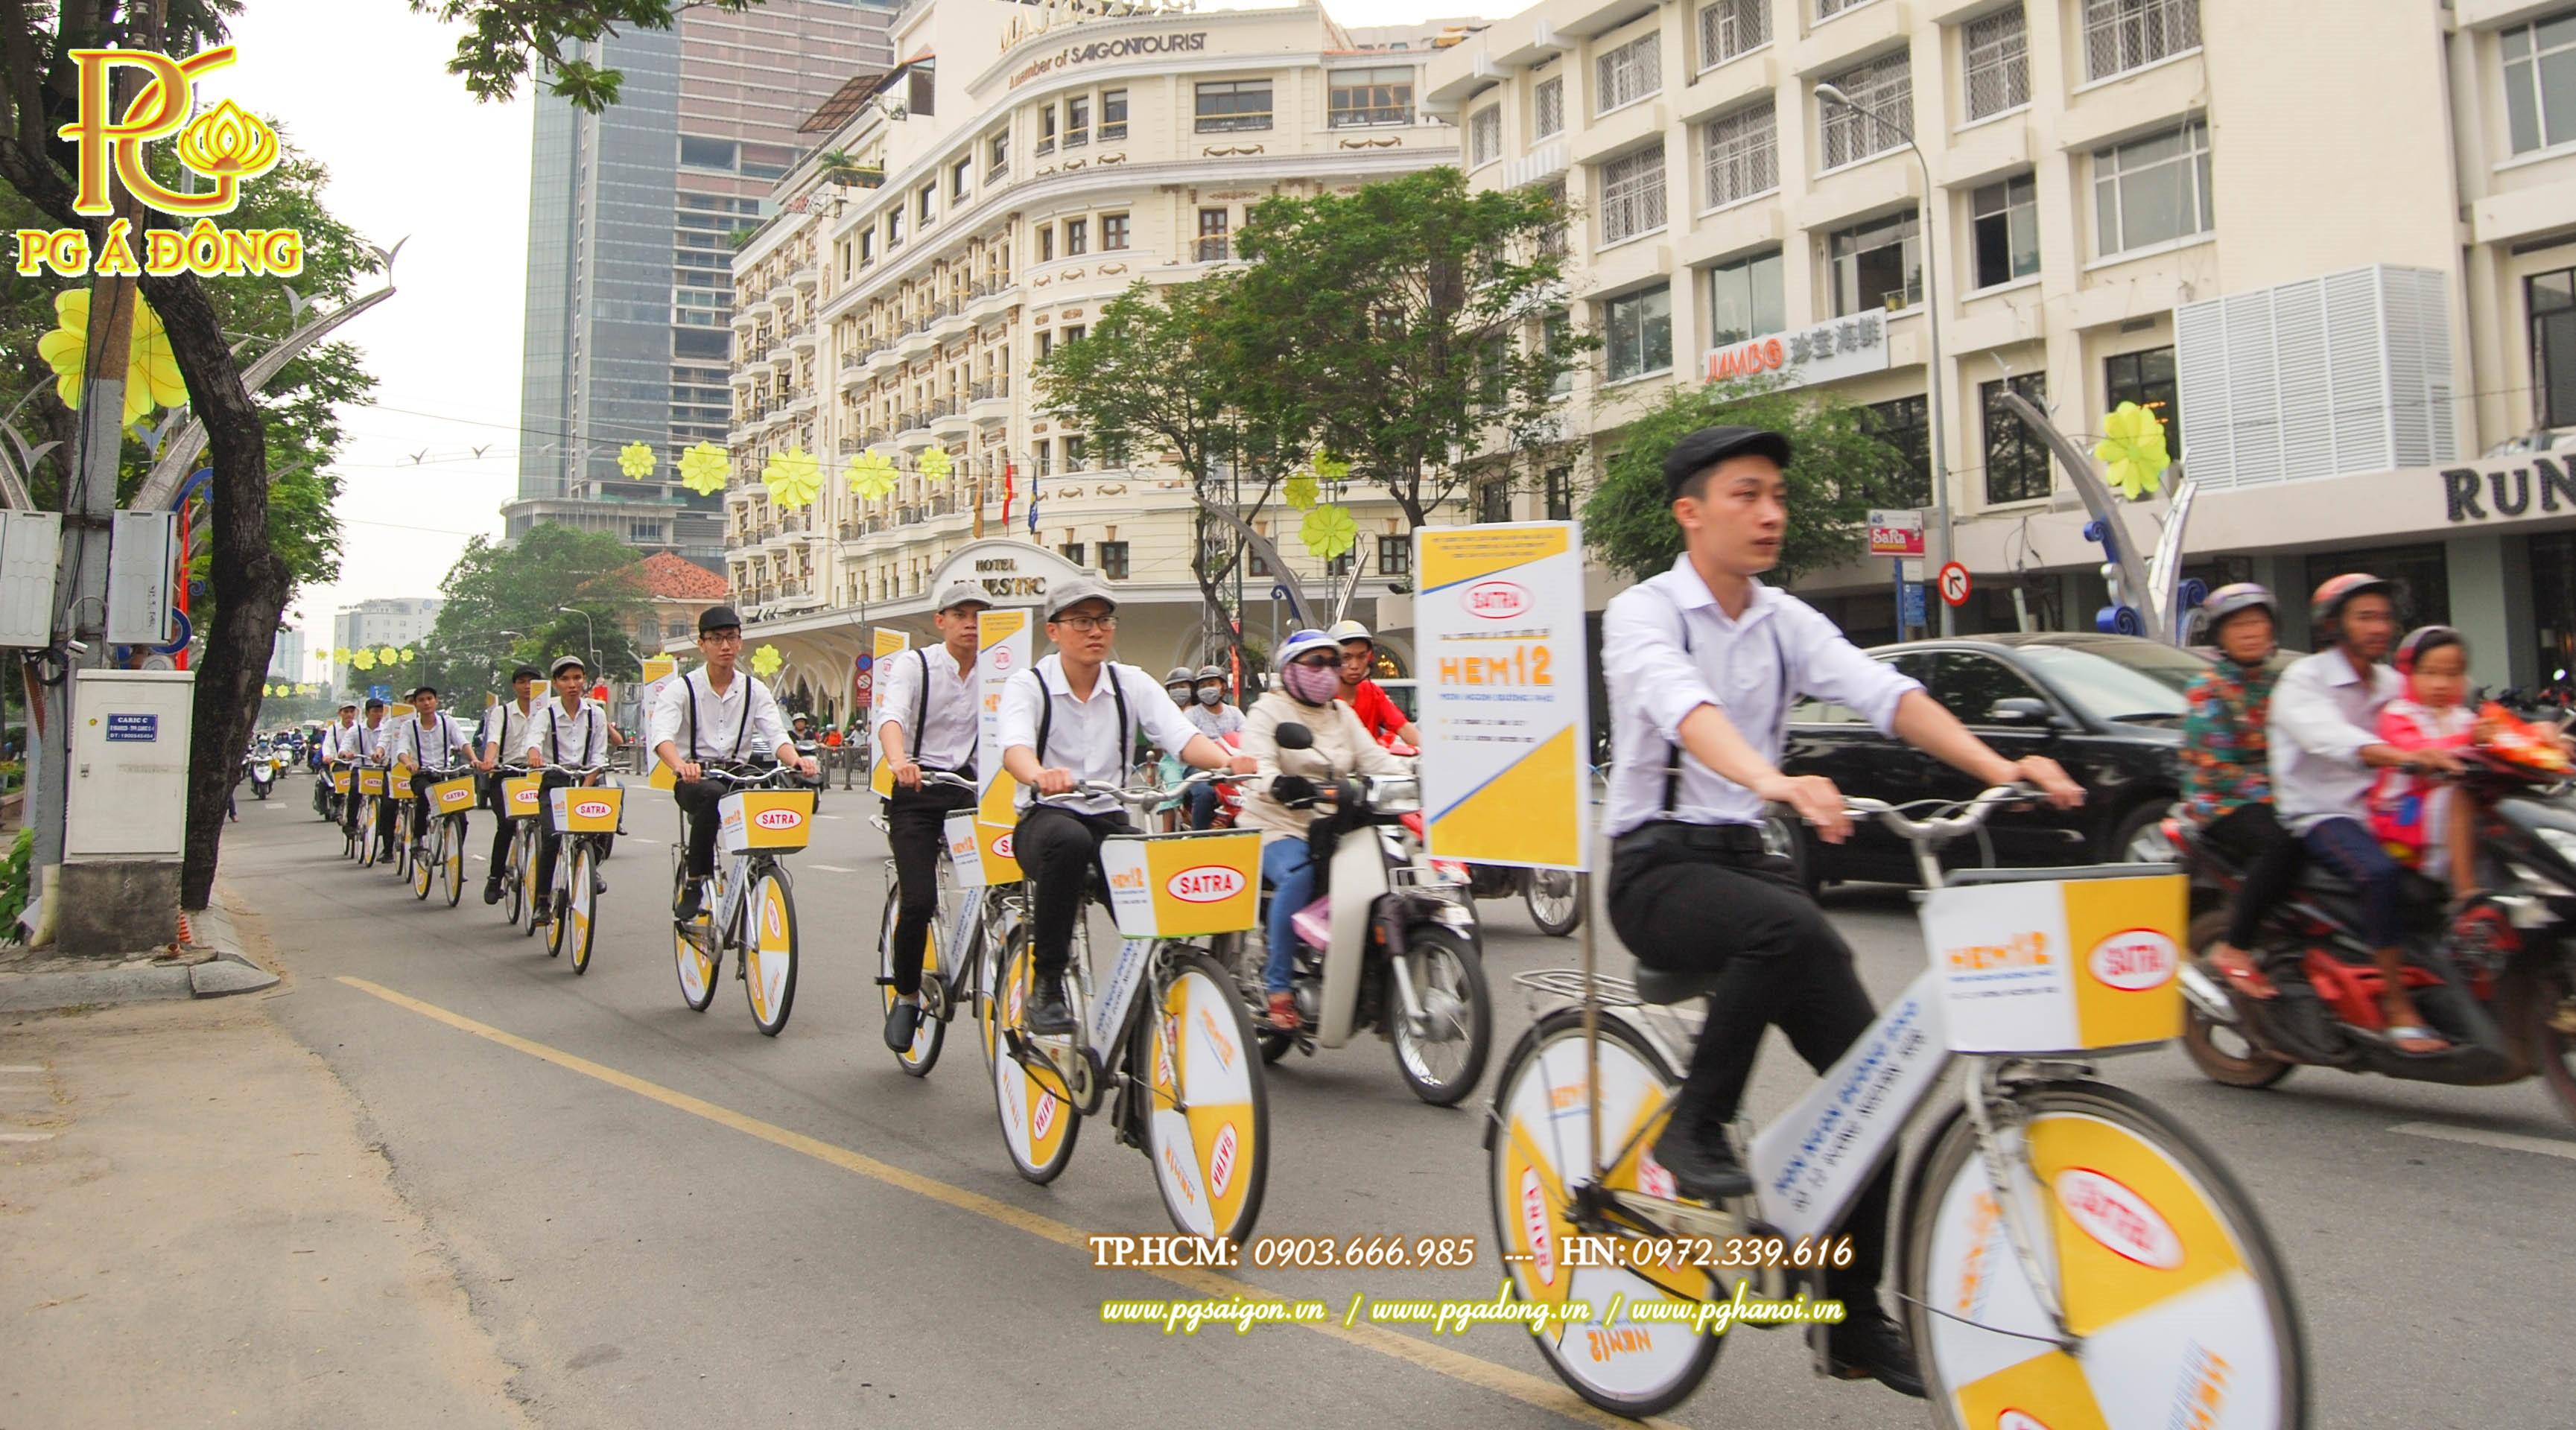 Đoàn roadshow xe đạp nổi bật trên đường Sài Gòn